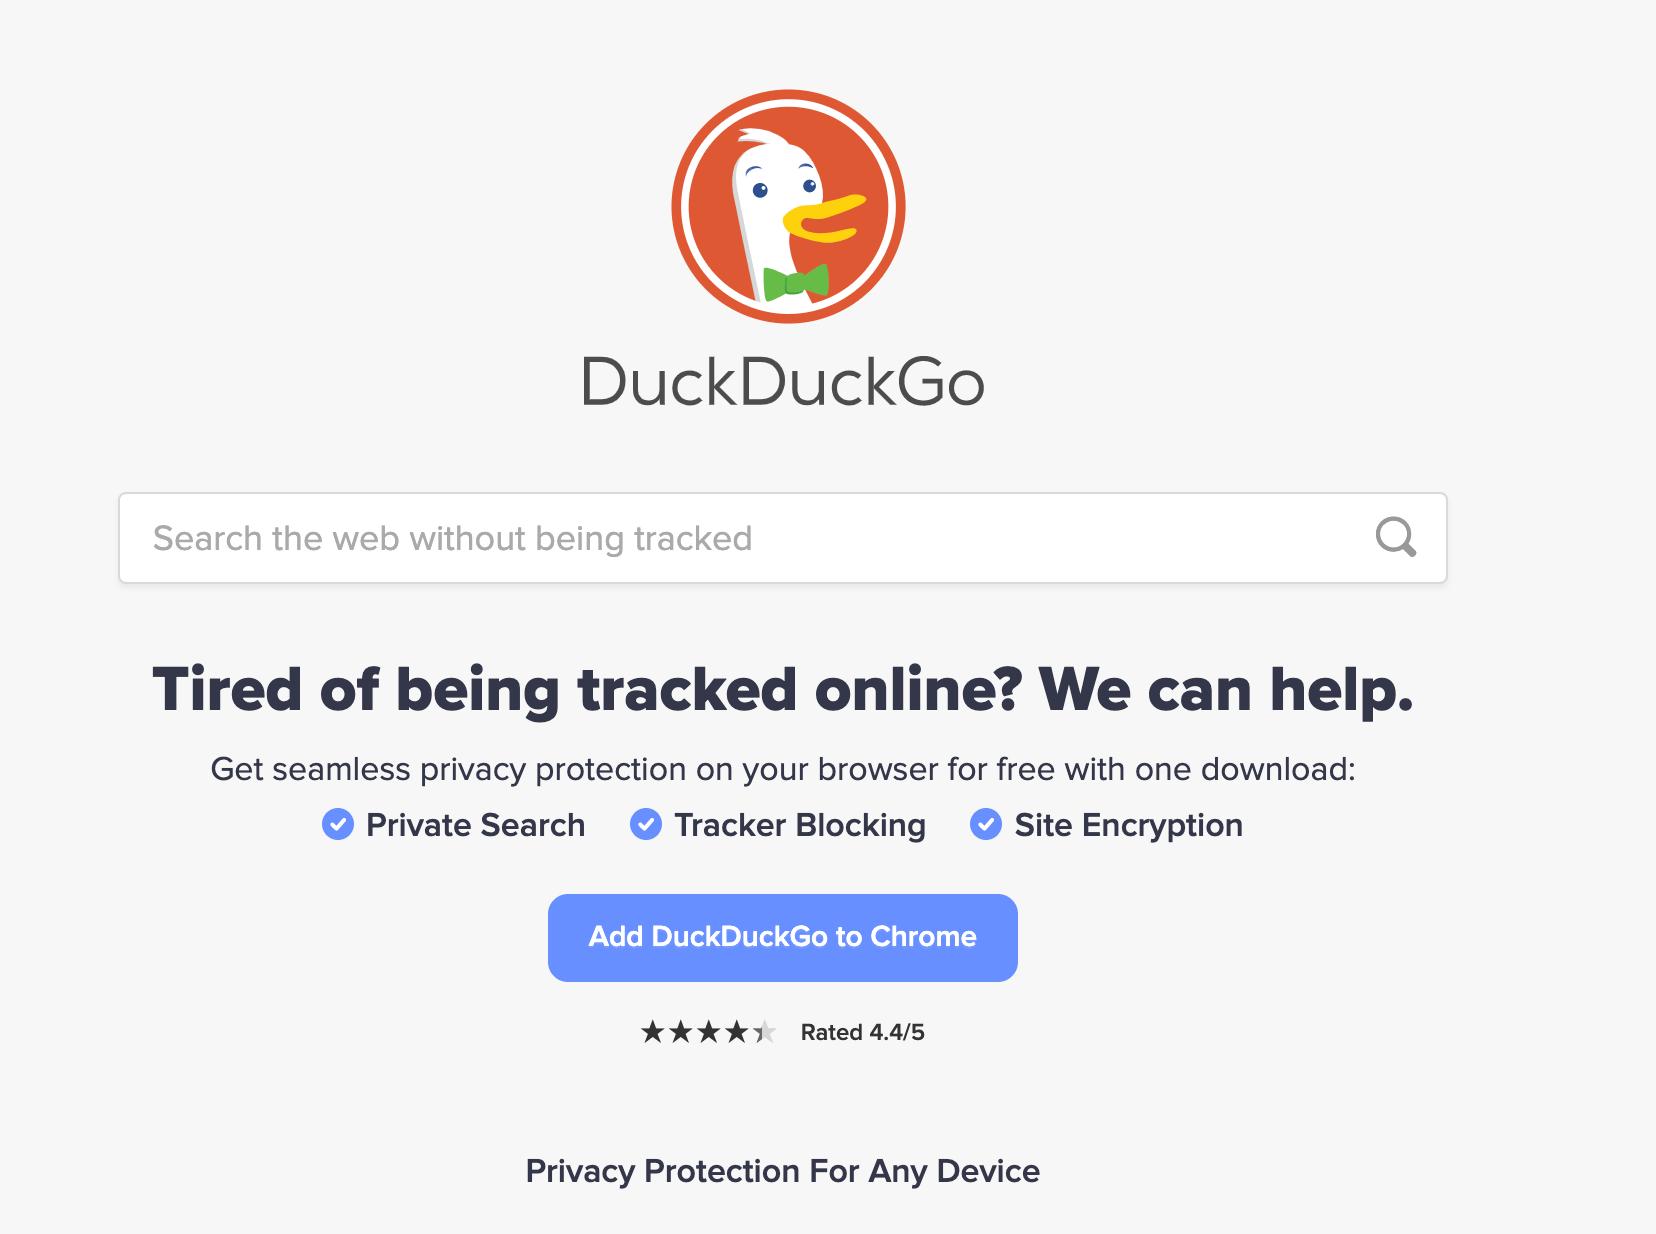 The DuckDuckGo search engine.